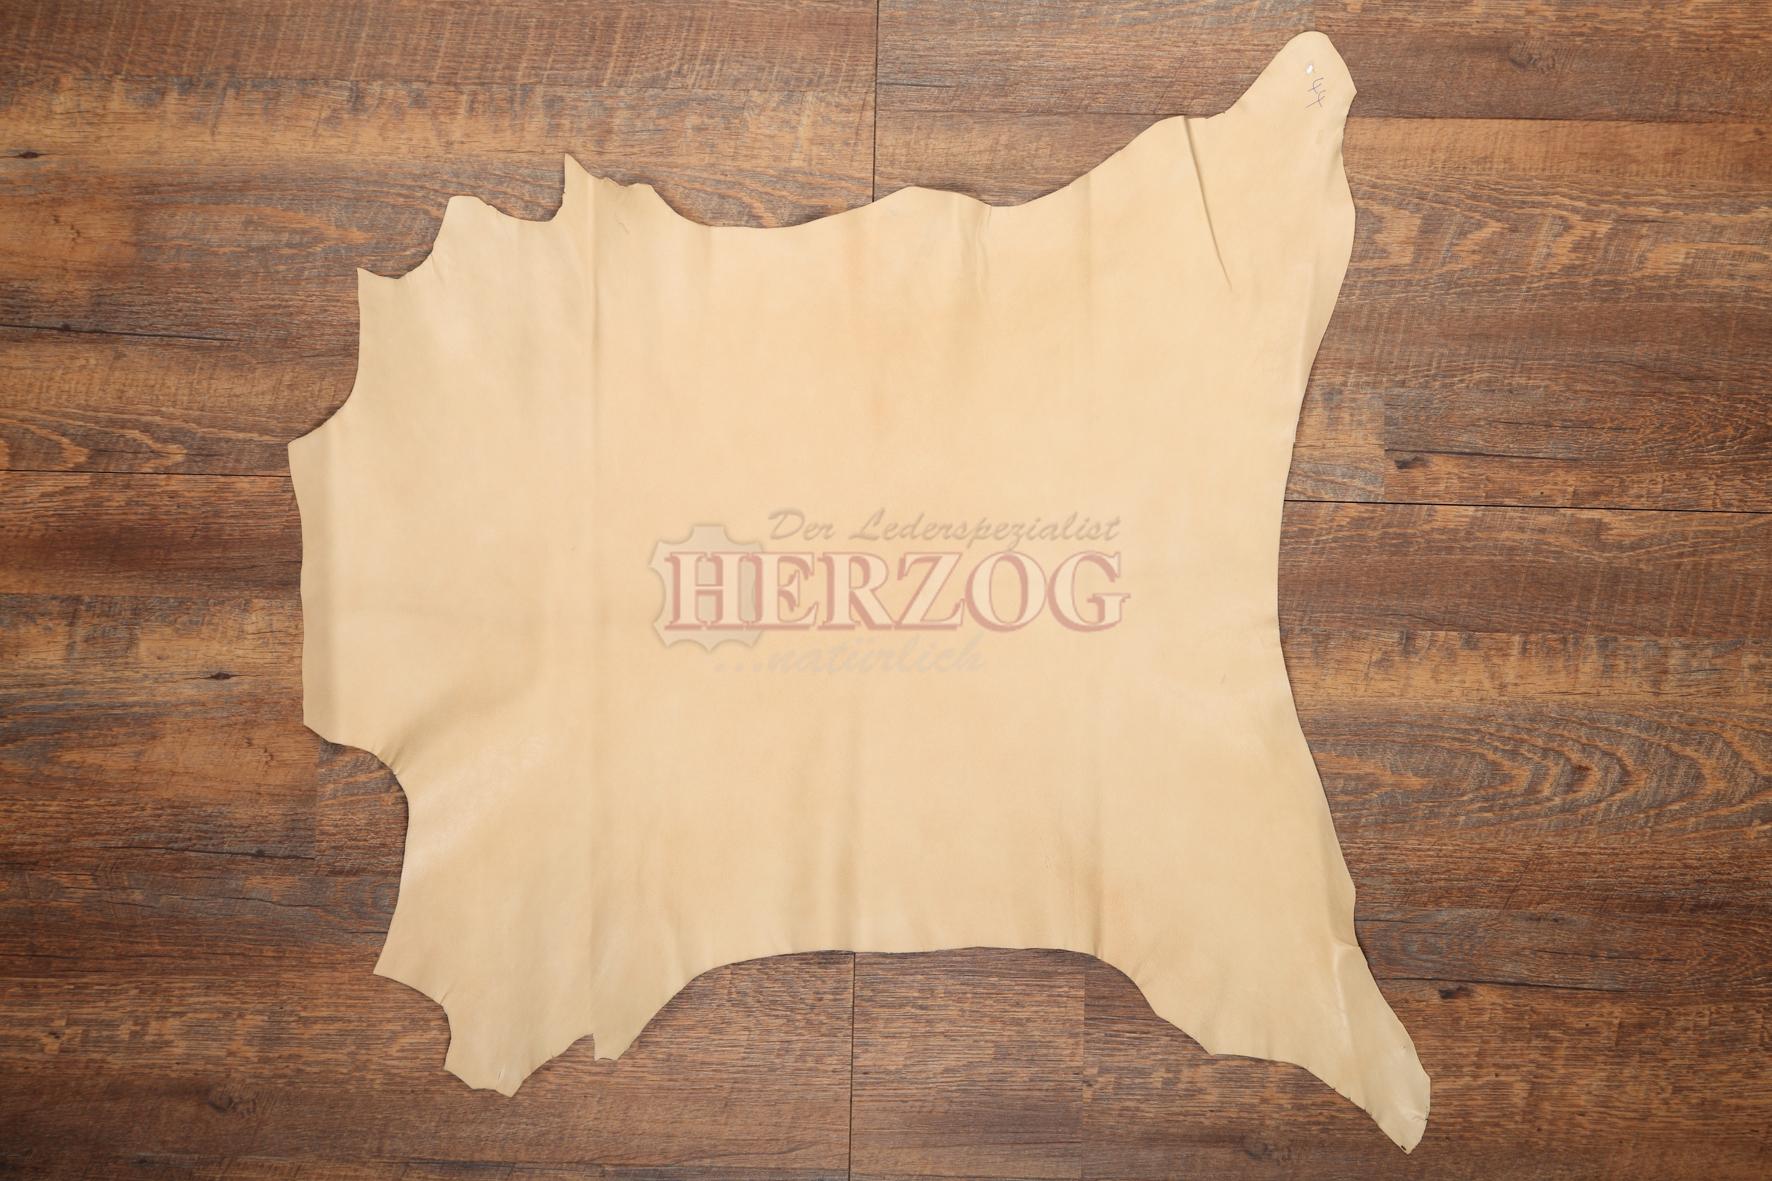 Herzog Bastard Skivers (ganzes Fell)